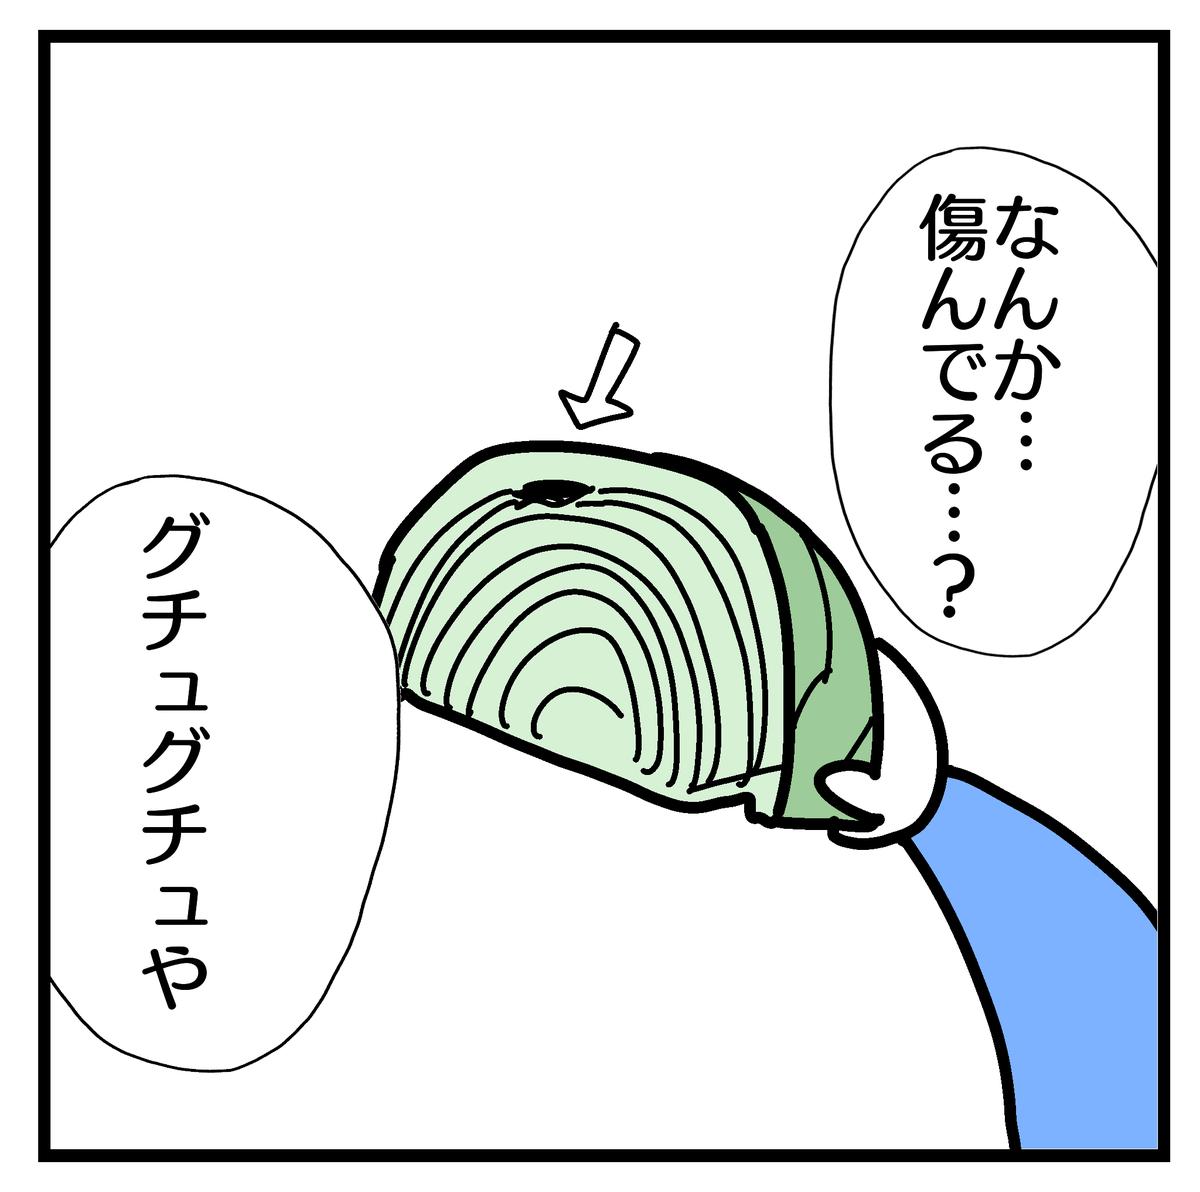 f:id:YuruFuwaTa:20200612115229p:plain